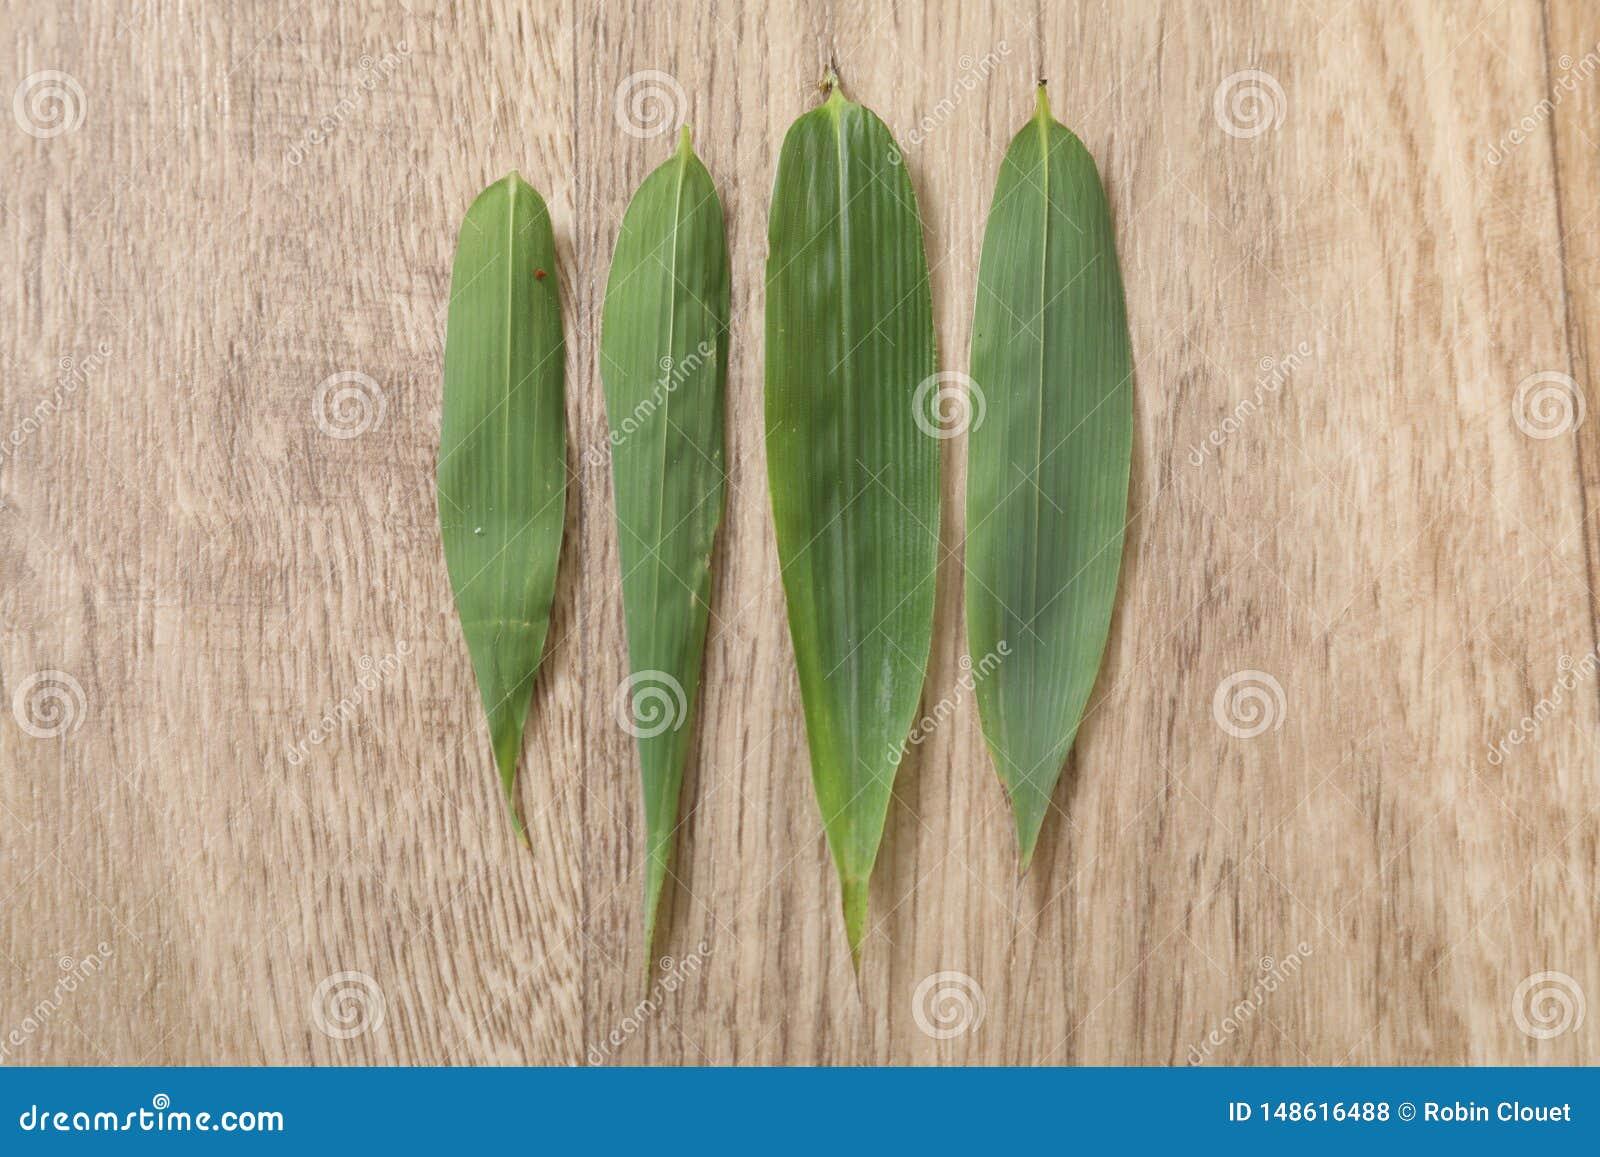 Feuille verte du bambou quatre sur la table en bois